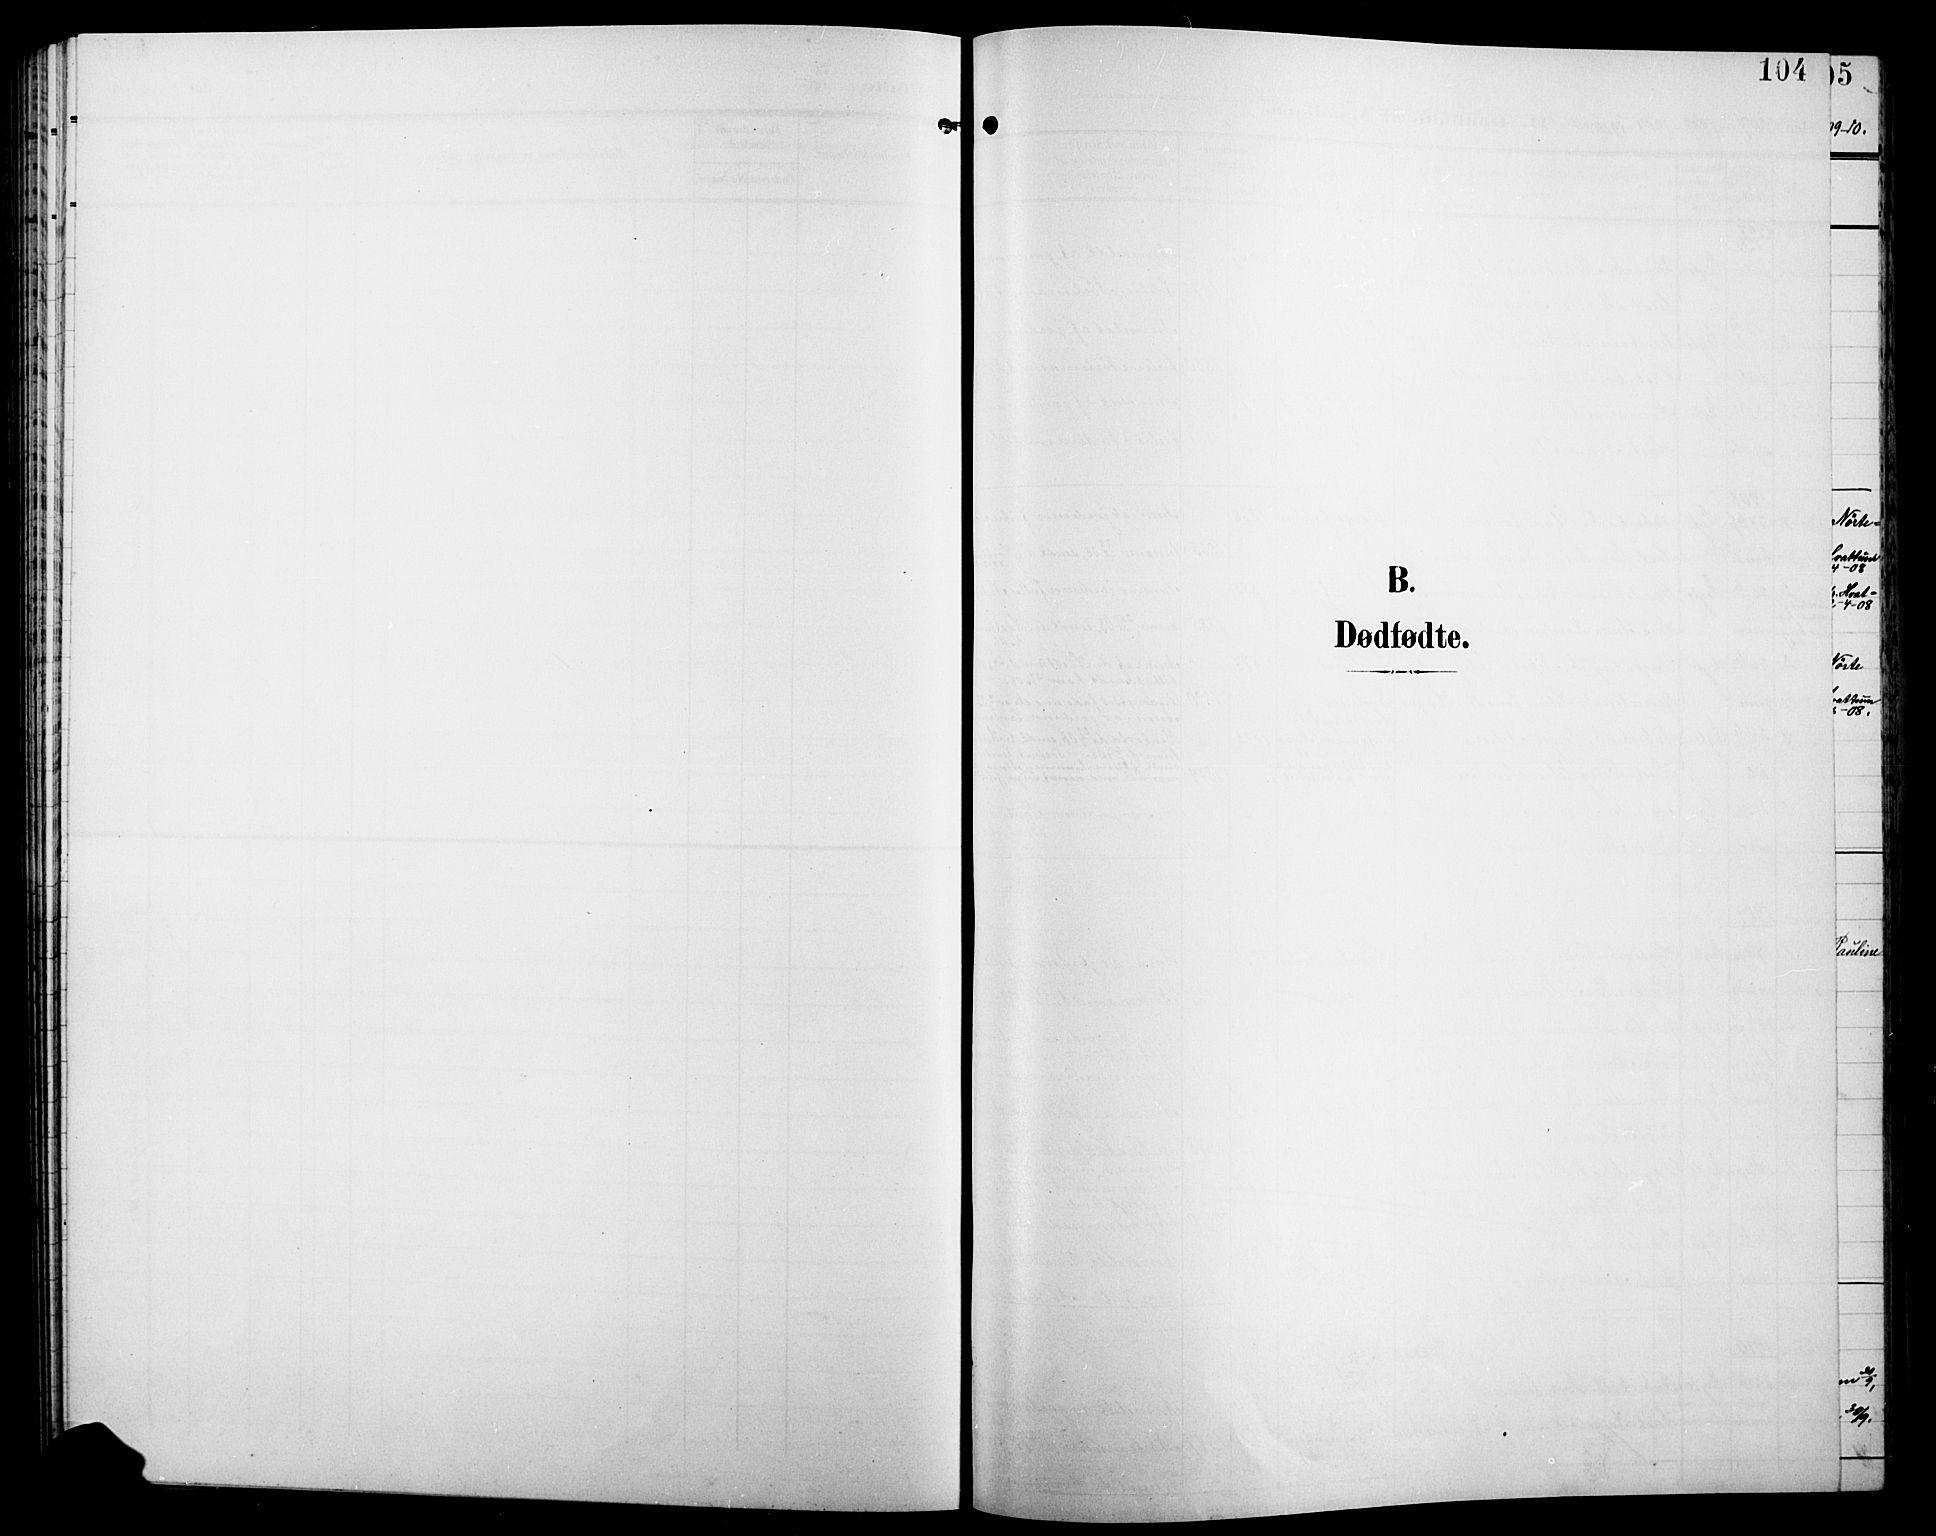 SAH, Jevnaker prestekontor, Klokkerbok nr. 4, 1907-1918, s. 104